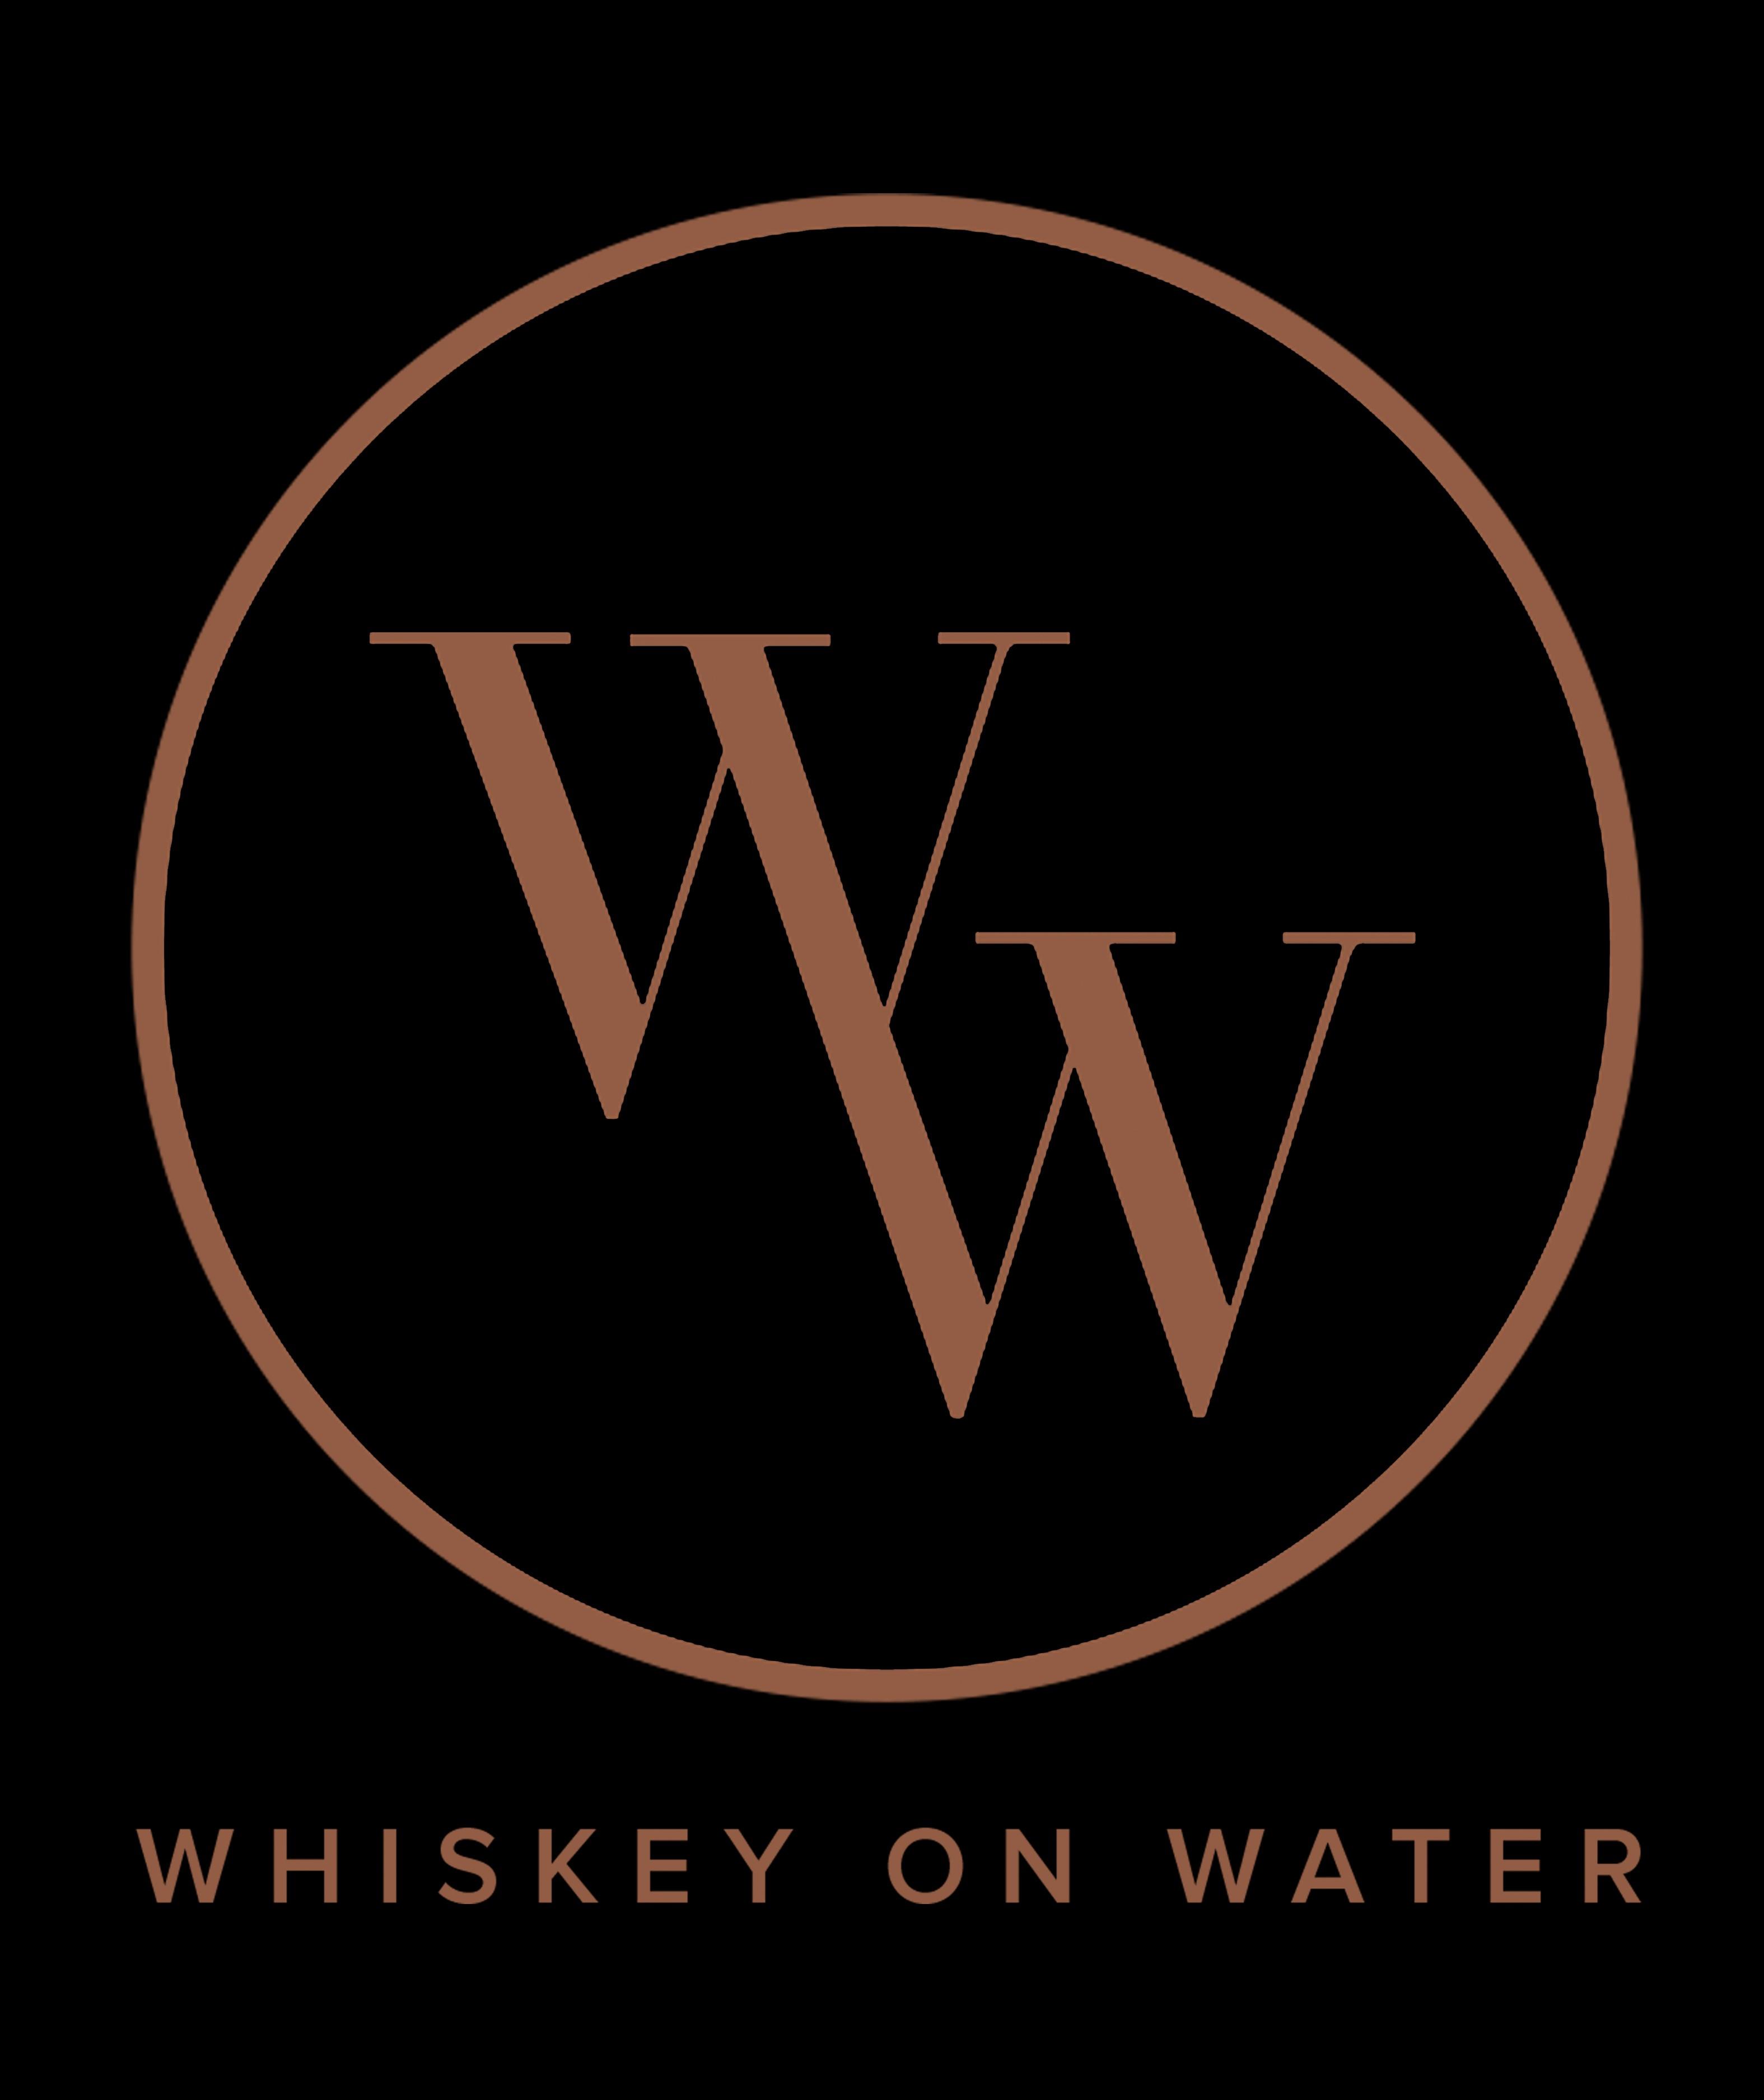 Whiskey Brand Logos